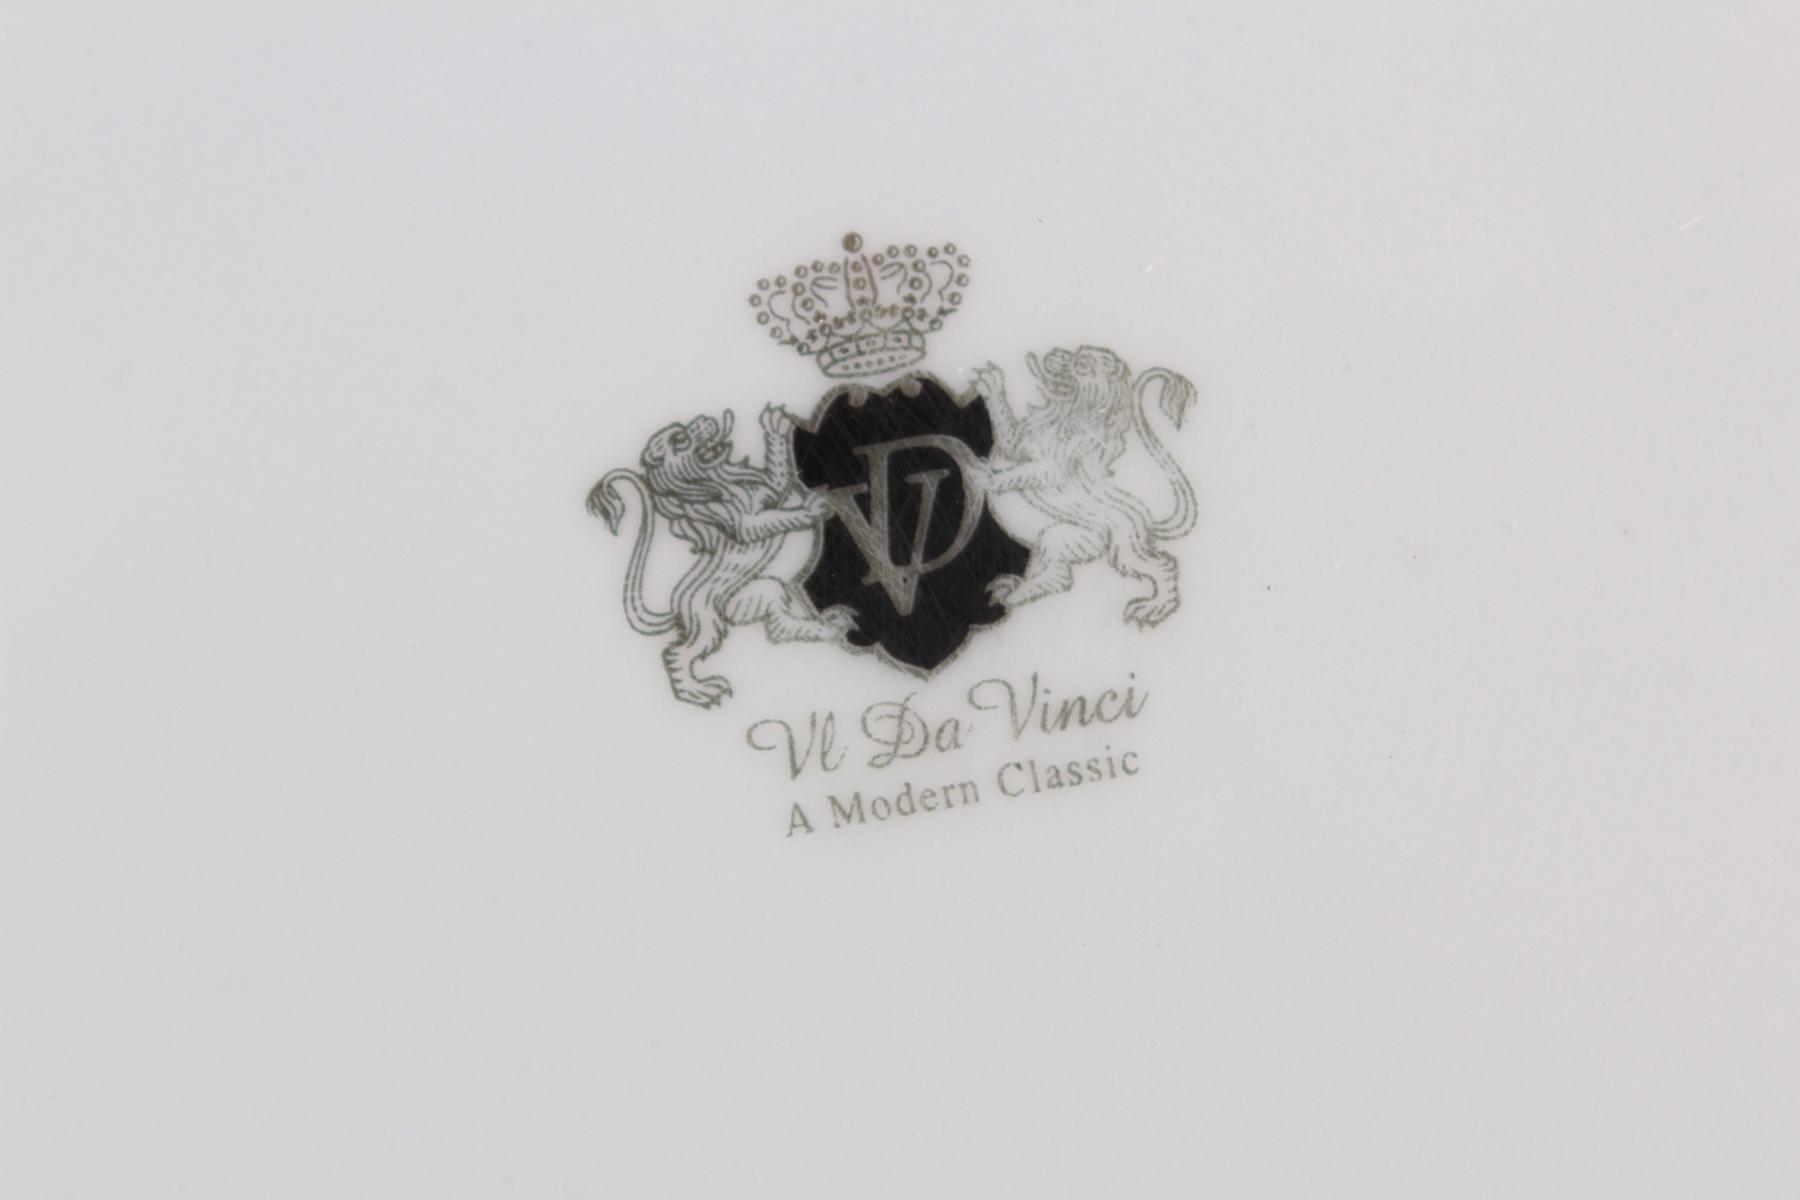 Großes Tafelservice. Da Vinci Collection – 'Nero' Black-Gold – Limited Edition-3